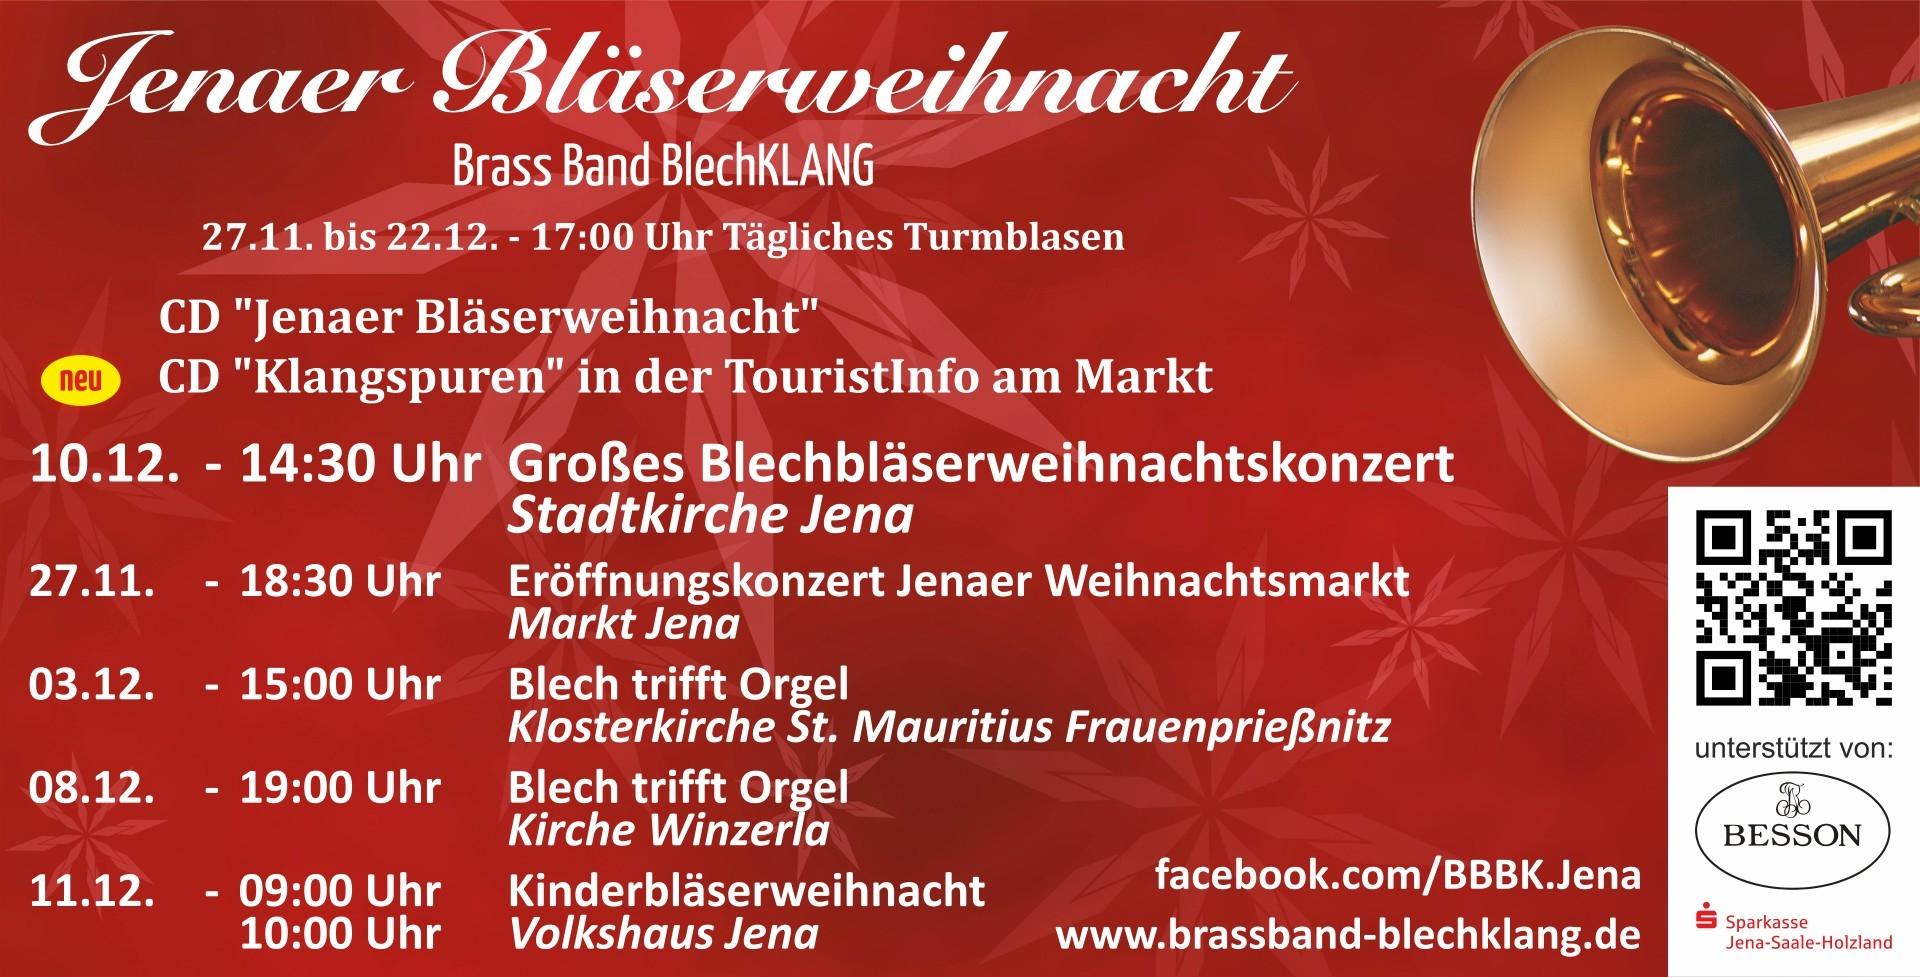 Brass Band BlechKLANG Programm der Bläserweihnacht 2017